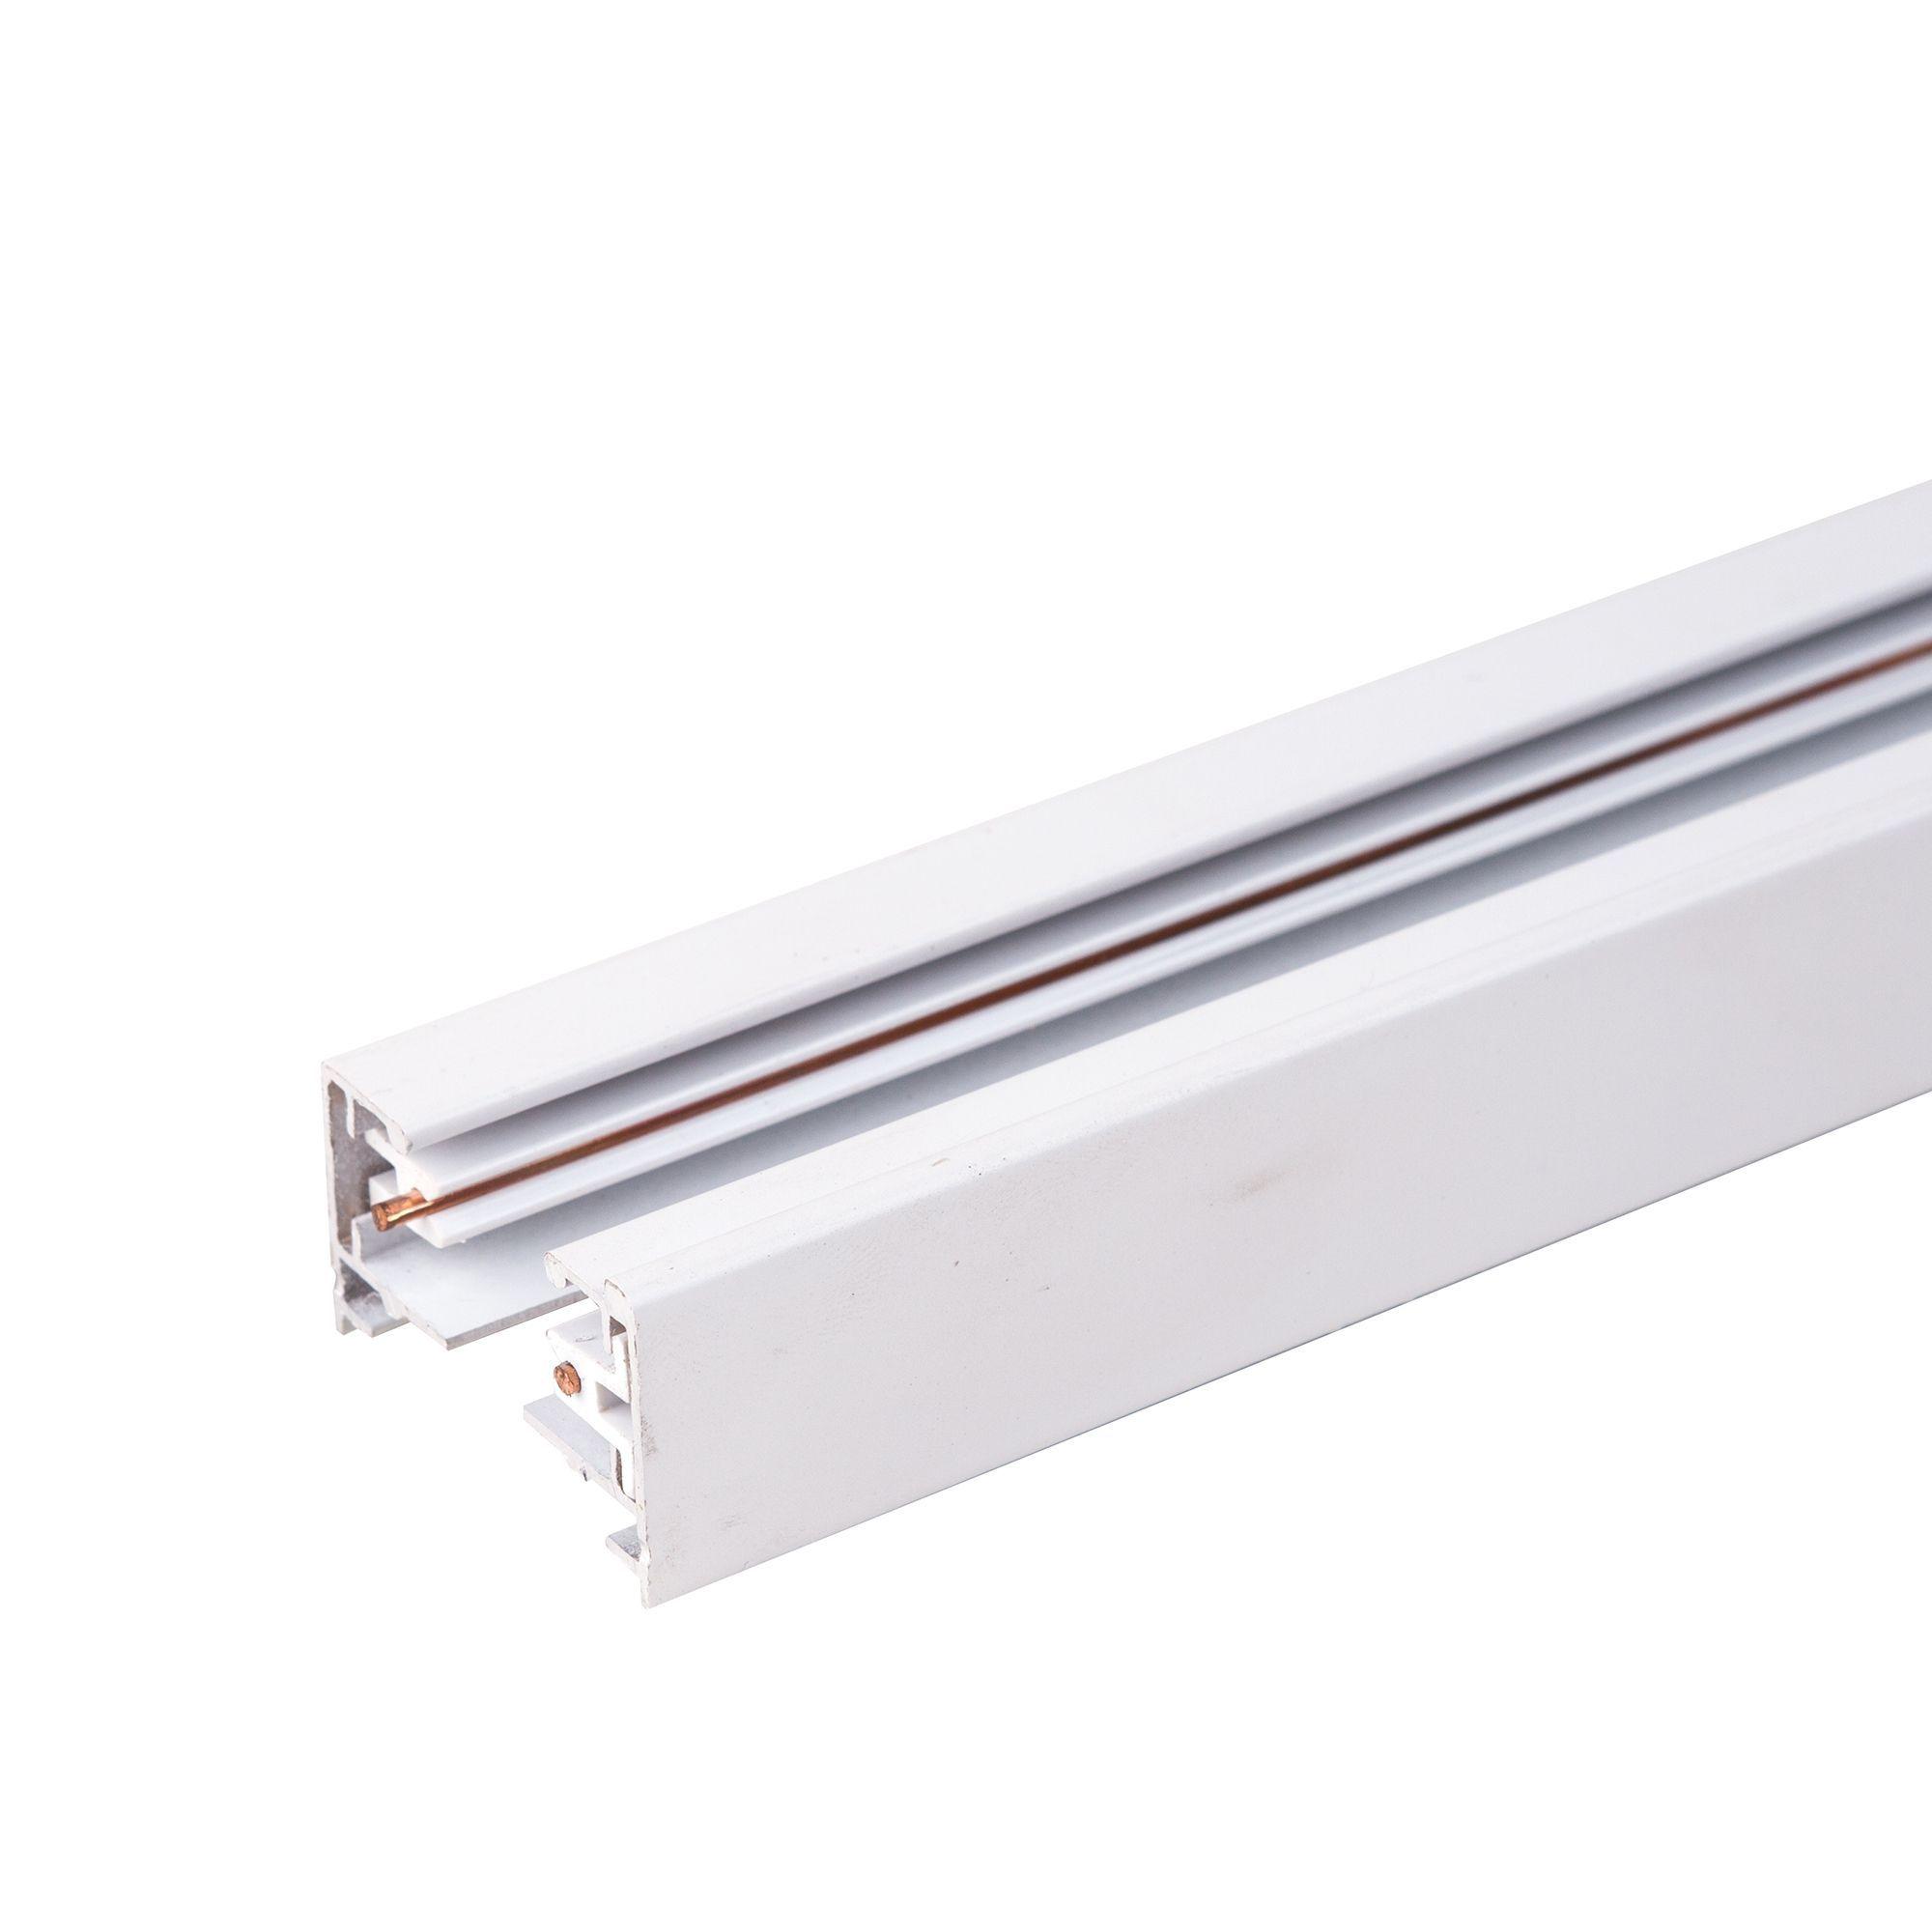 Однофазный шинопровод 3 метра белый (с вводом питания и заглушкой) TRL-1-1-300-WH